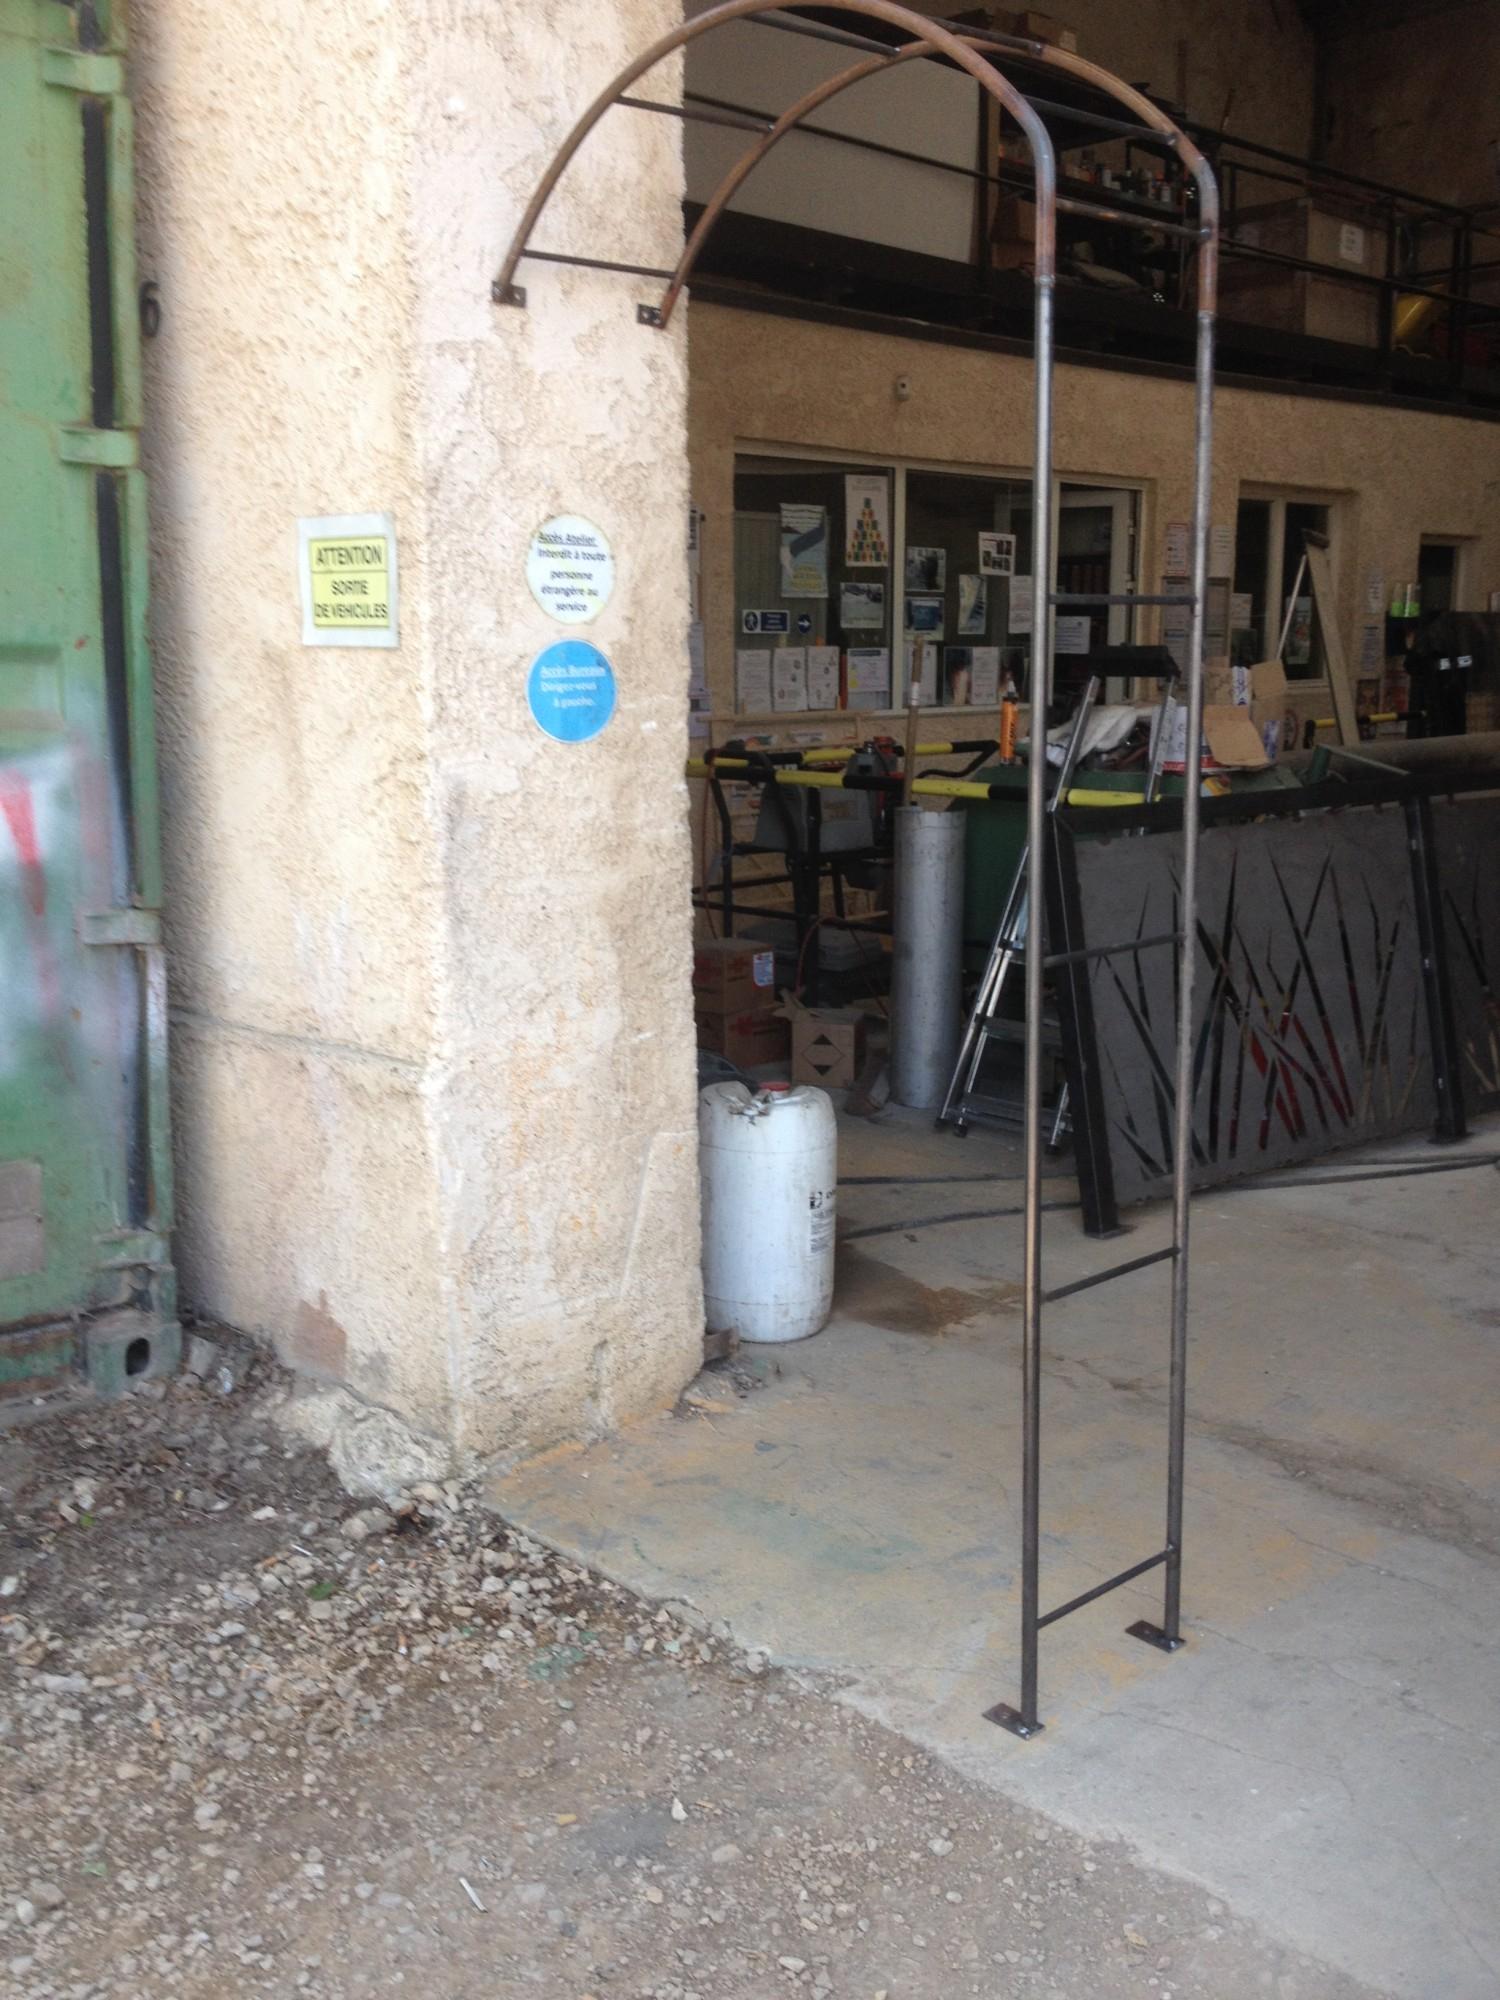 Arche De Jardin En Fer Forge A Martigues Fabrique Sur Mesure ... dedans Arche De Jardin En Fer